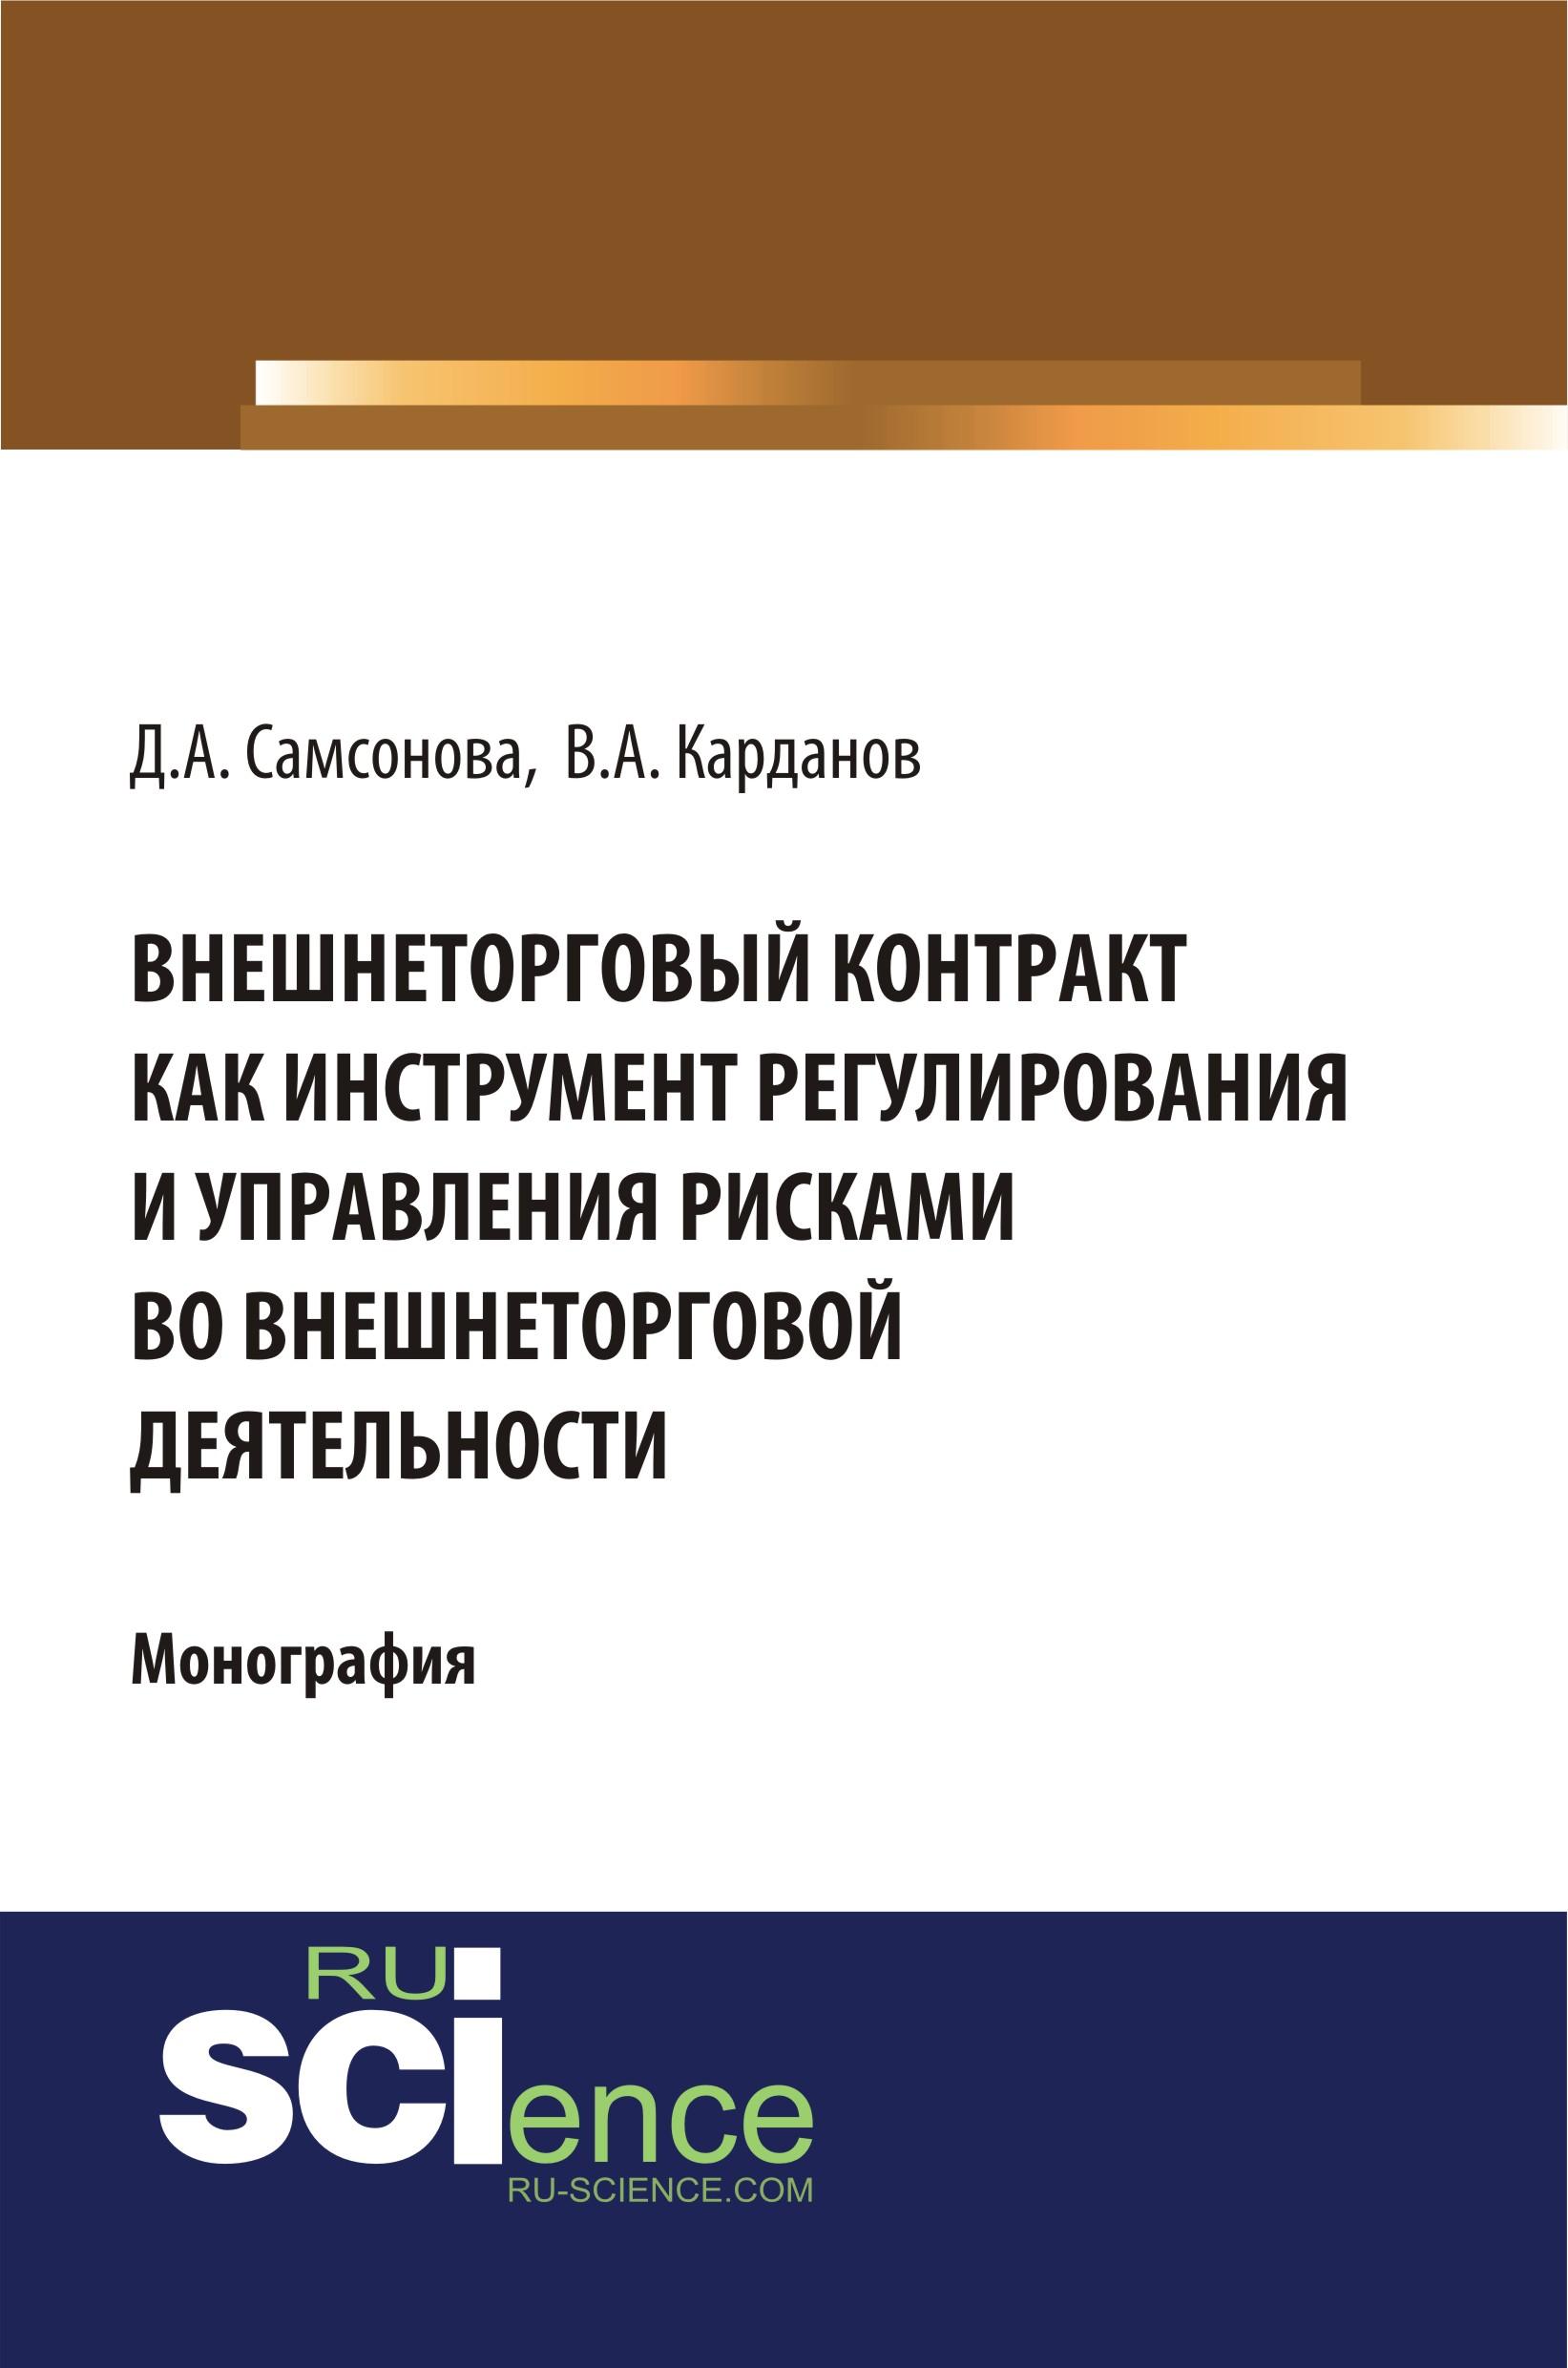 Внешнеторговый контракт как инструмент регулирования и управления рисками во внешнеторговой деятельности